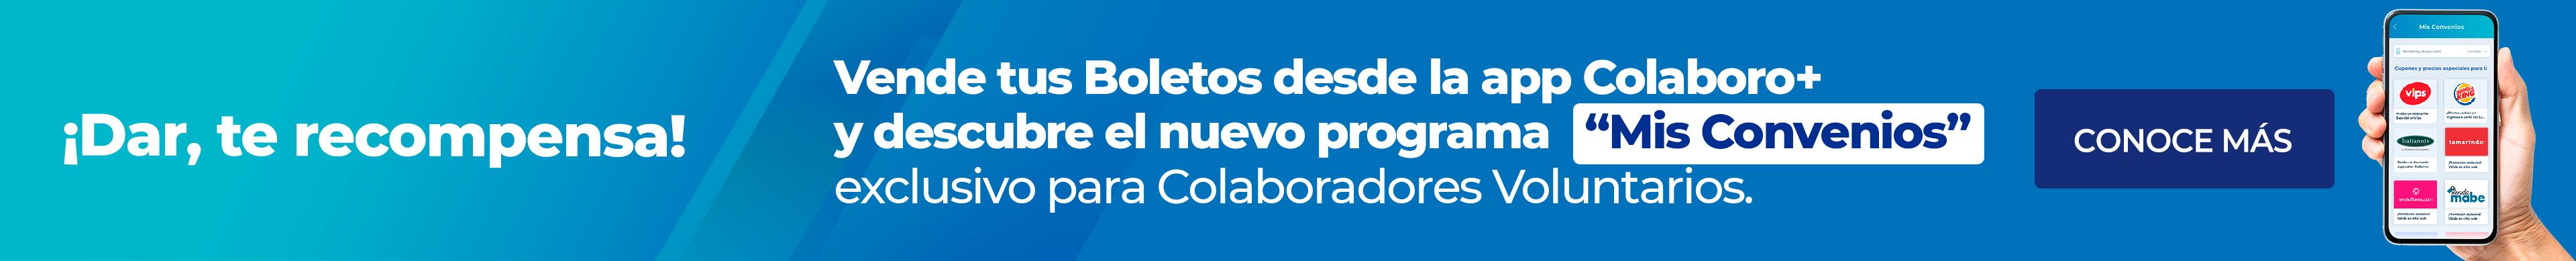 BANNER-COLABORO-convenios-1